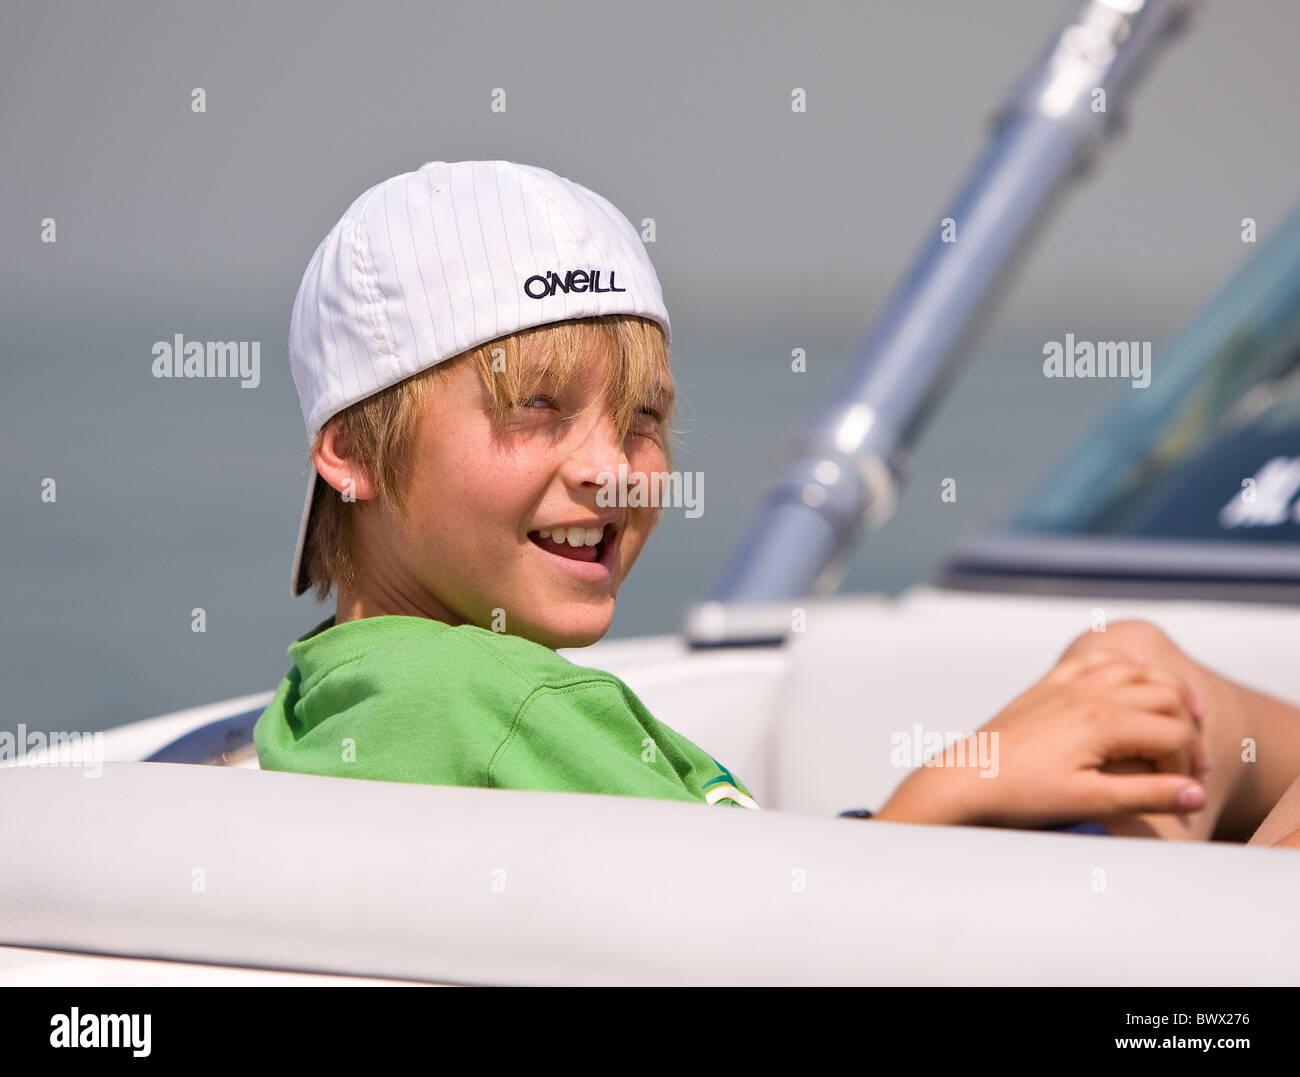 Effronté jeune garçon avec chapeau renversé assis dans un bateau de vitesse Photo Stock